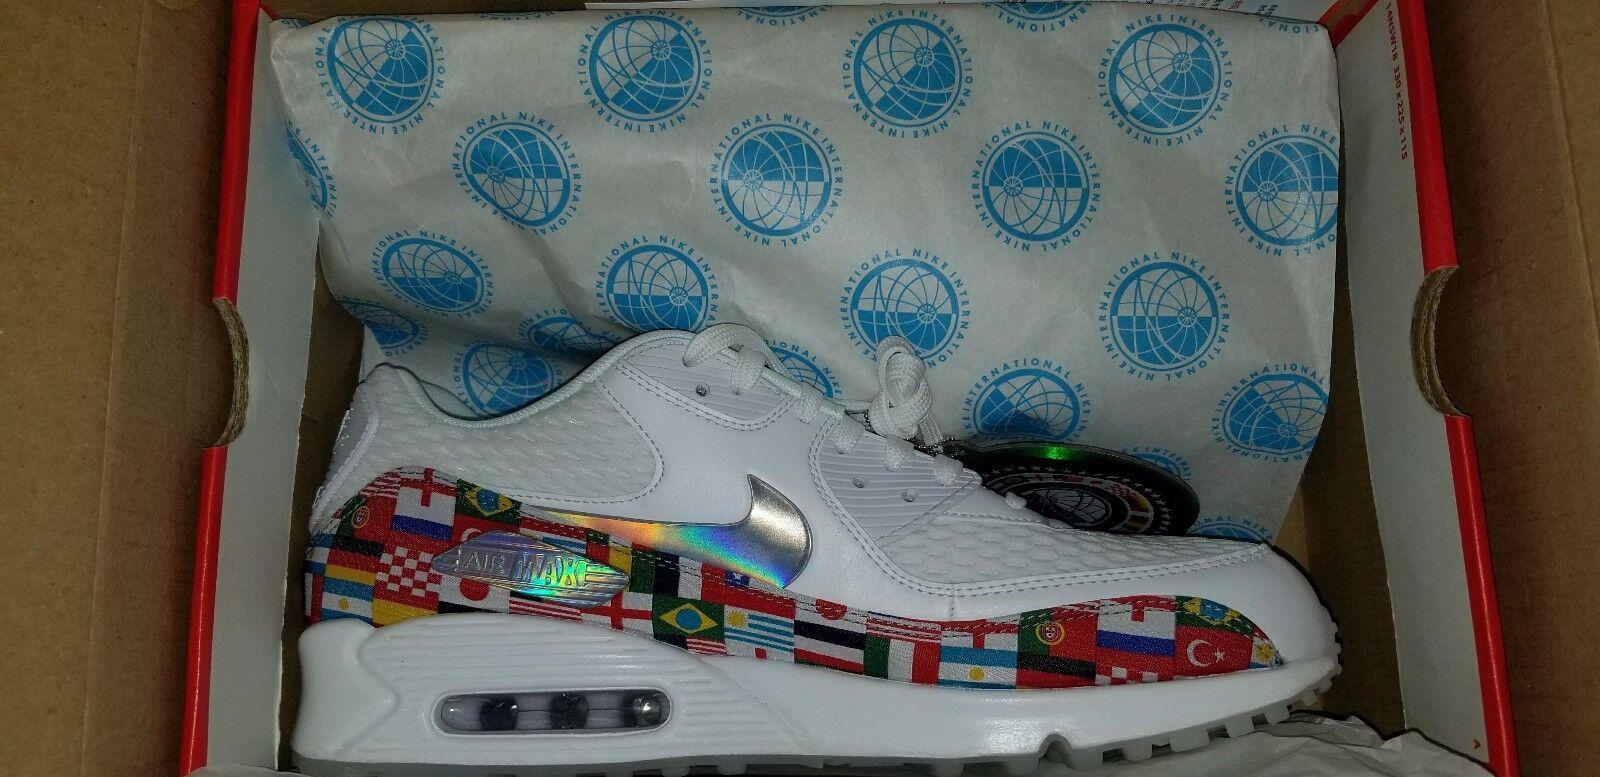 Nike air max 90 nic bianco di coppa del mondo ao5119-100 bandiera internazionale multi sz 11